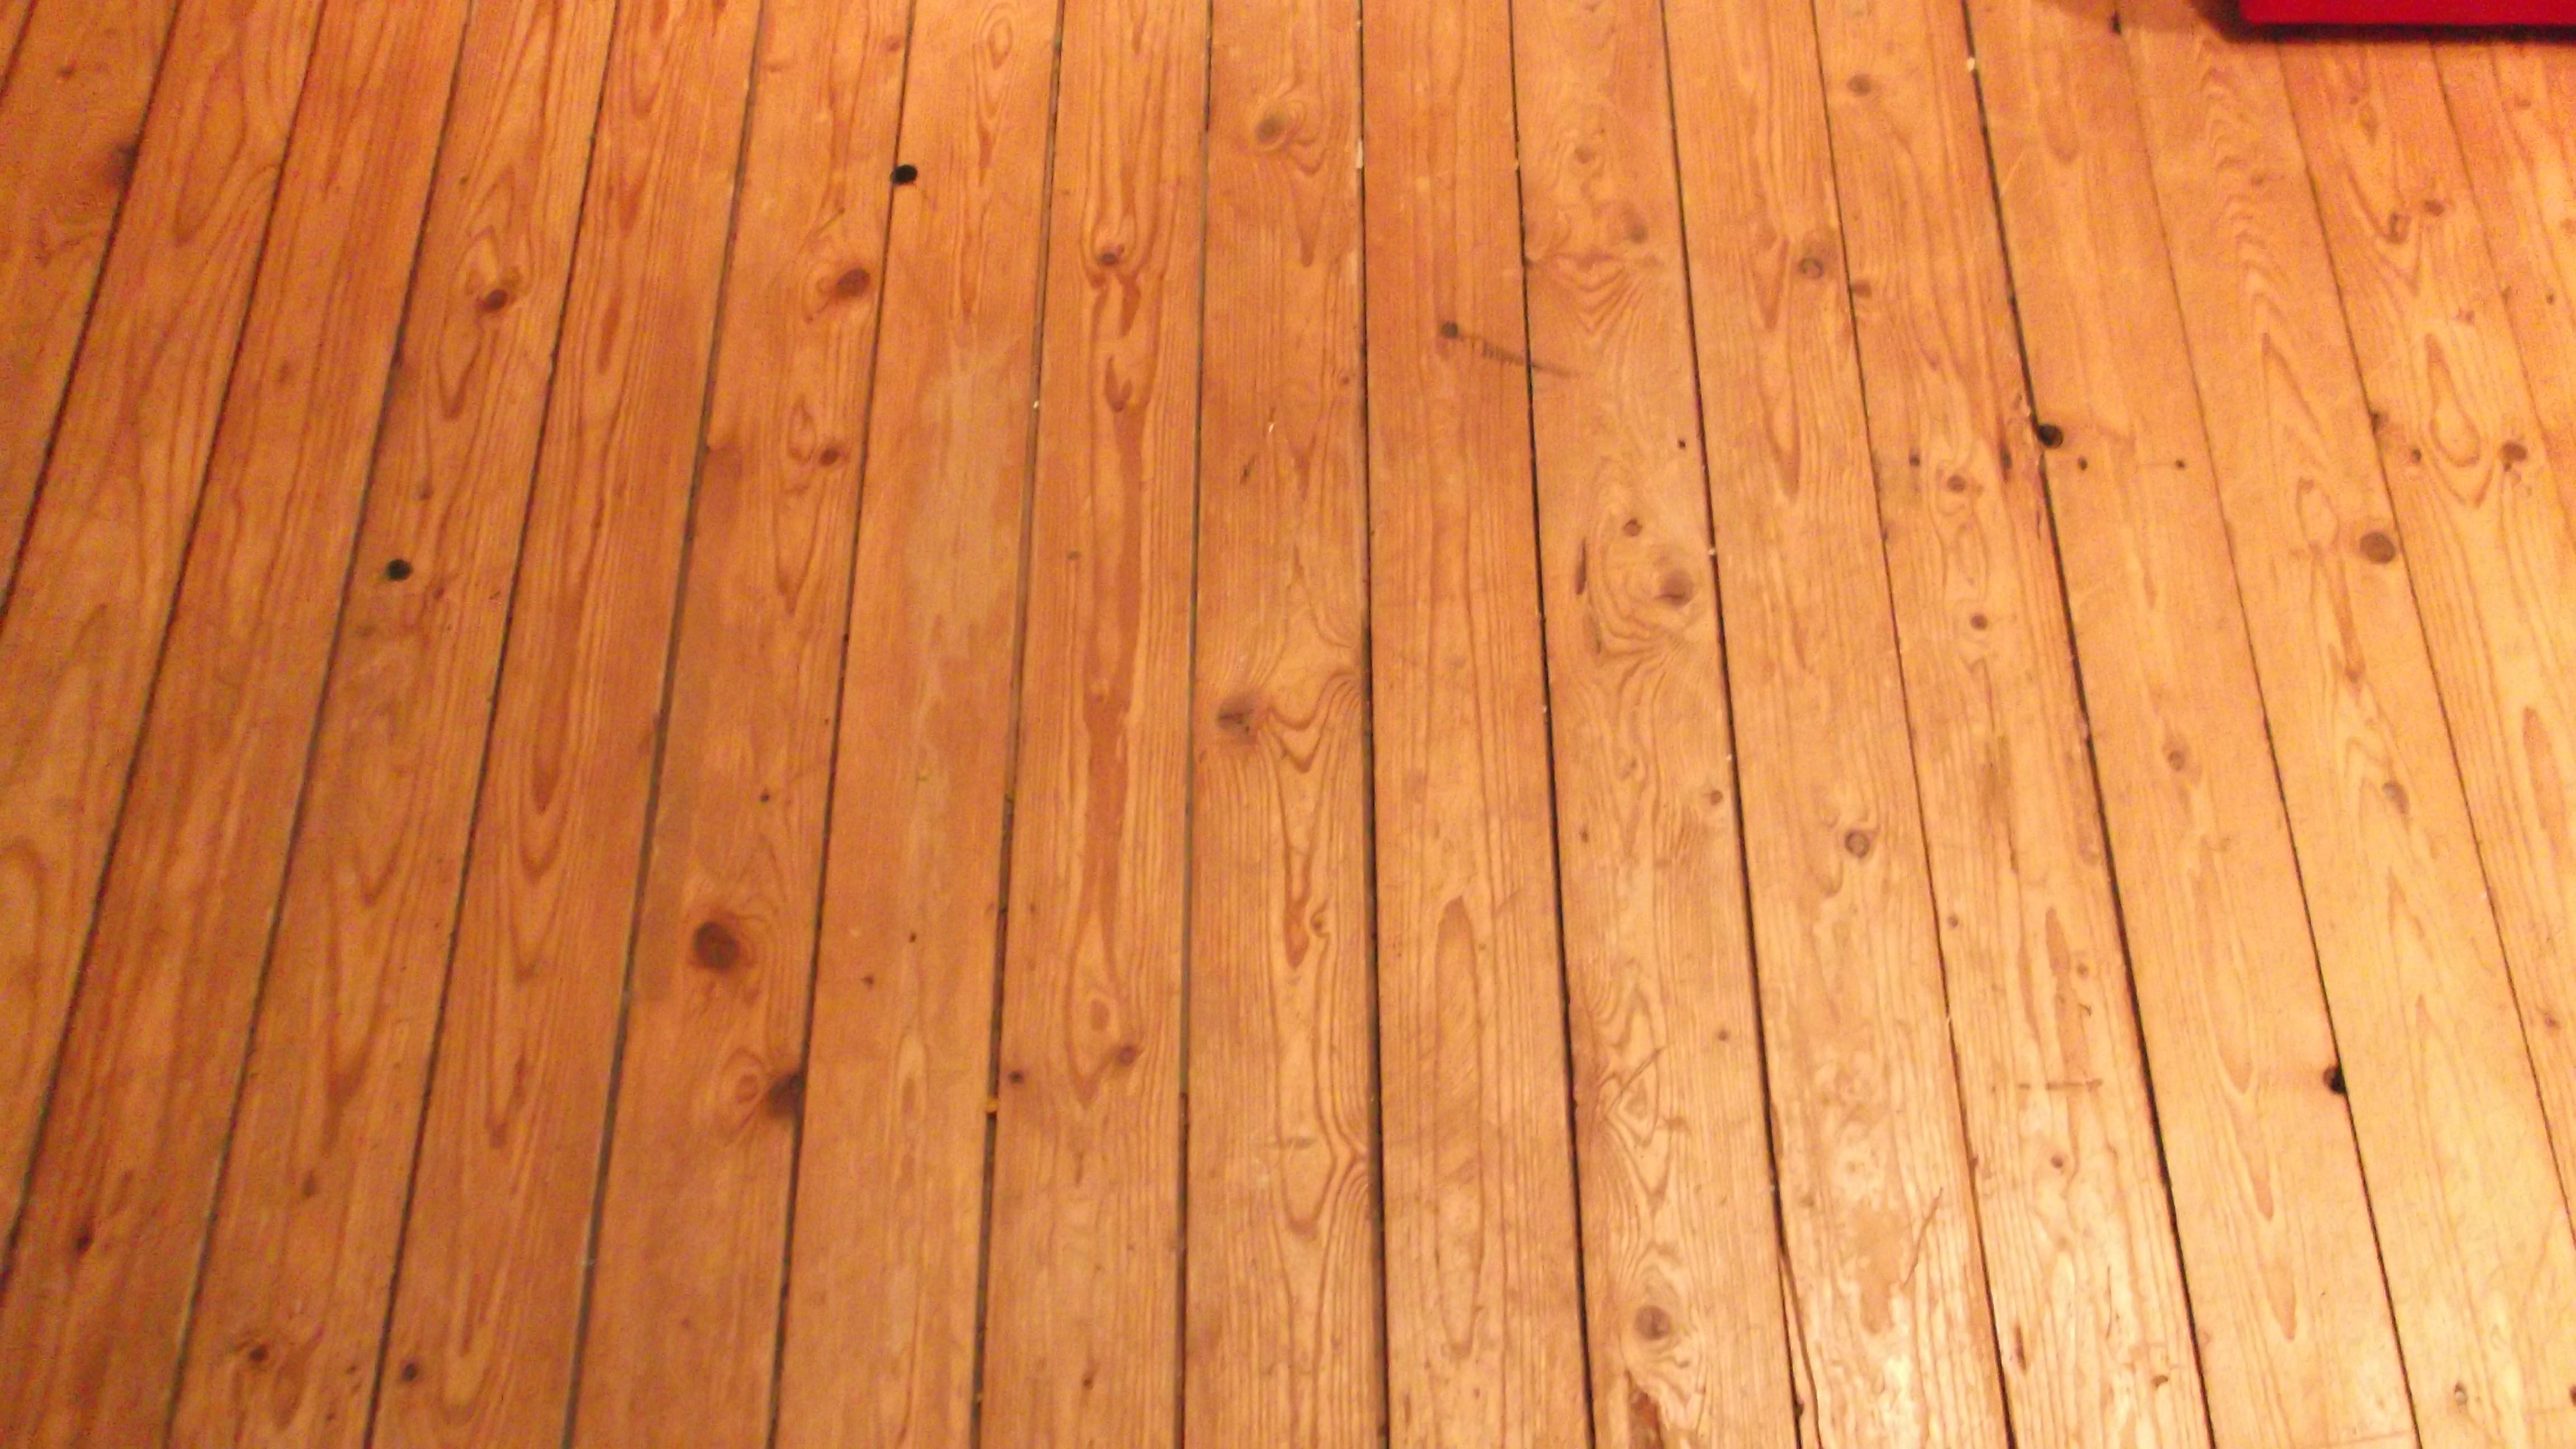 Holzfußboden Auf Fliesen Verlegen ~ Welche vorbereitungen sind nötig für fliesenlegen auf holzboden